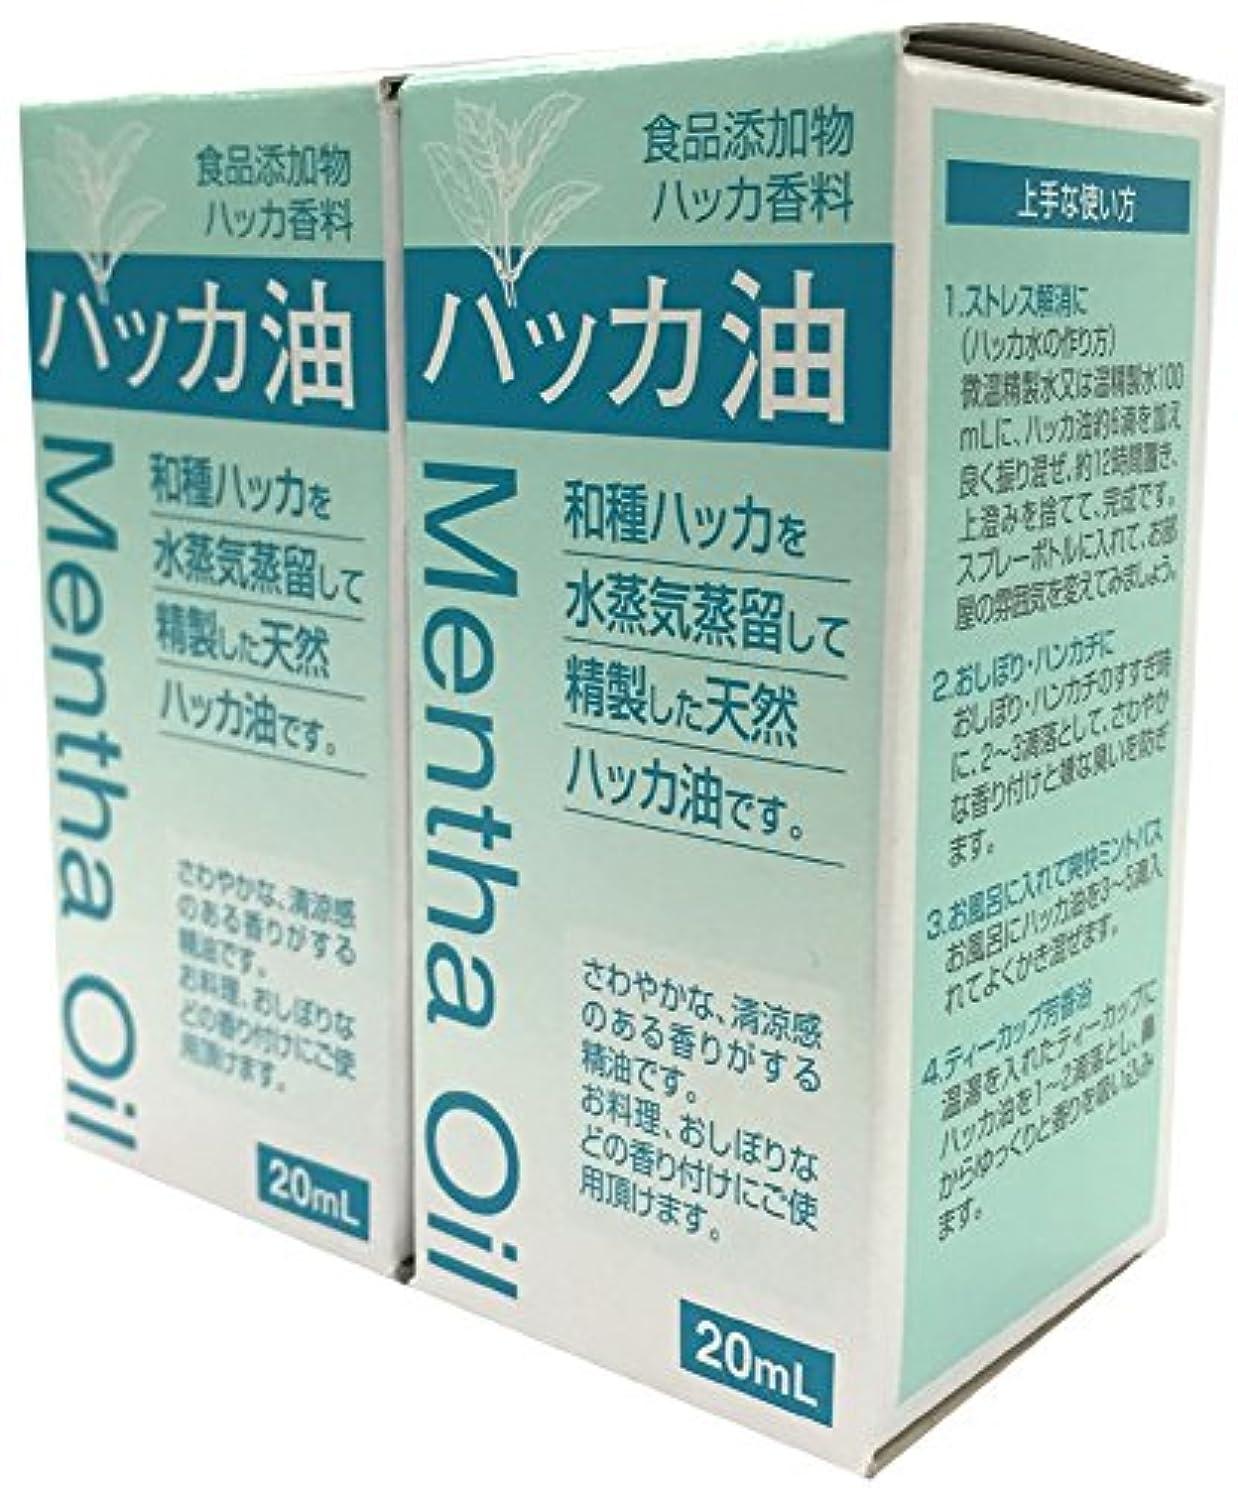 突き刺す外部拒否食品添加物 ハッカ油 20mL 2個セット